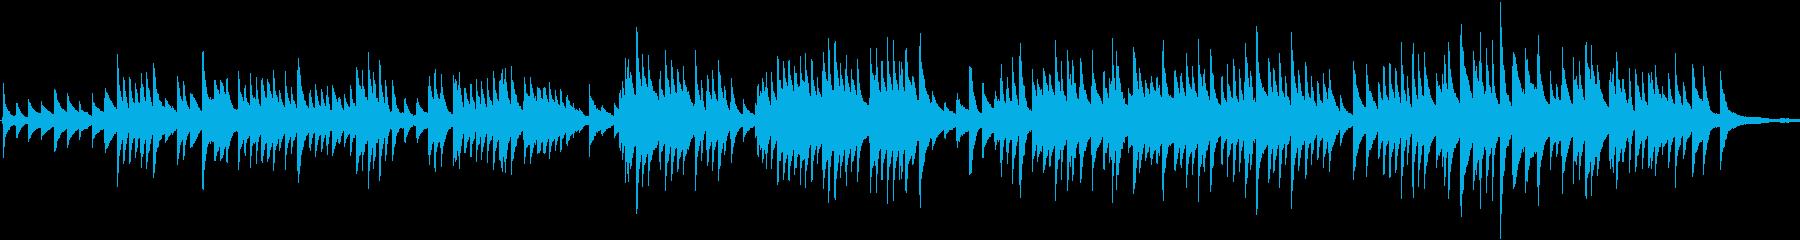 有名なバッハの曲の再生済みの波形